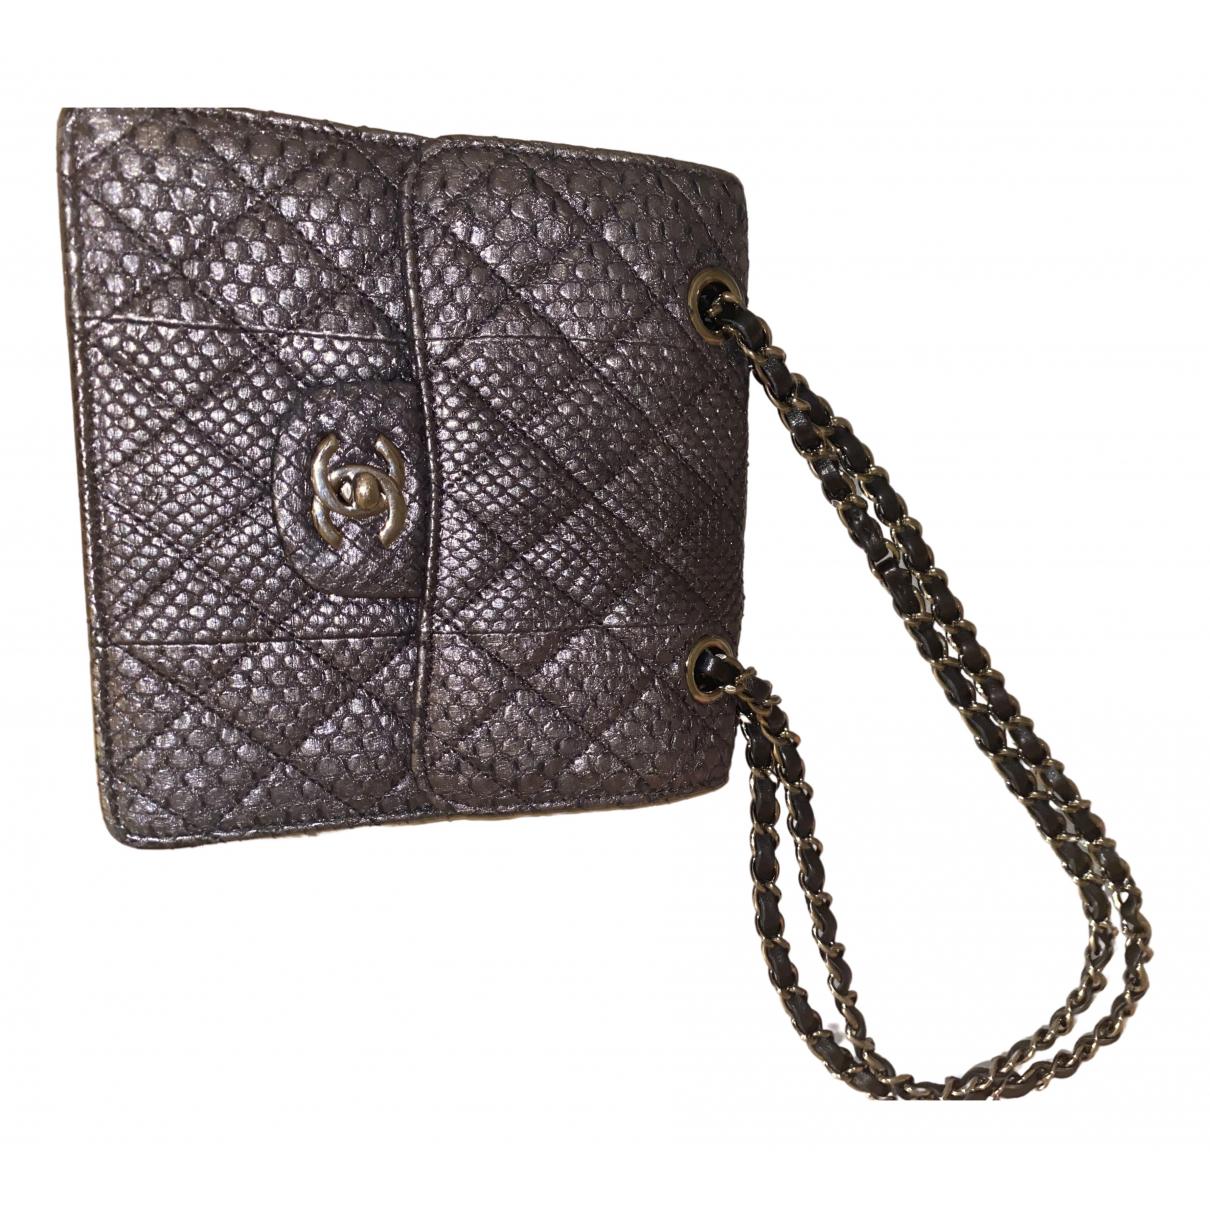 Chanel \N Grey Python handbag for Women \N